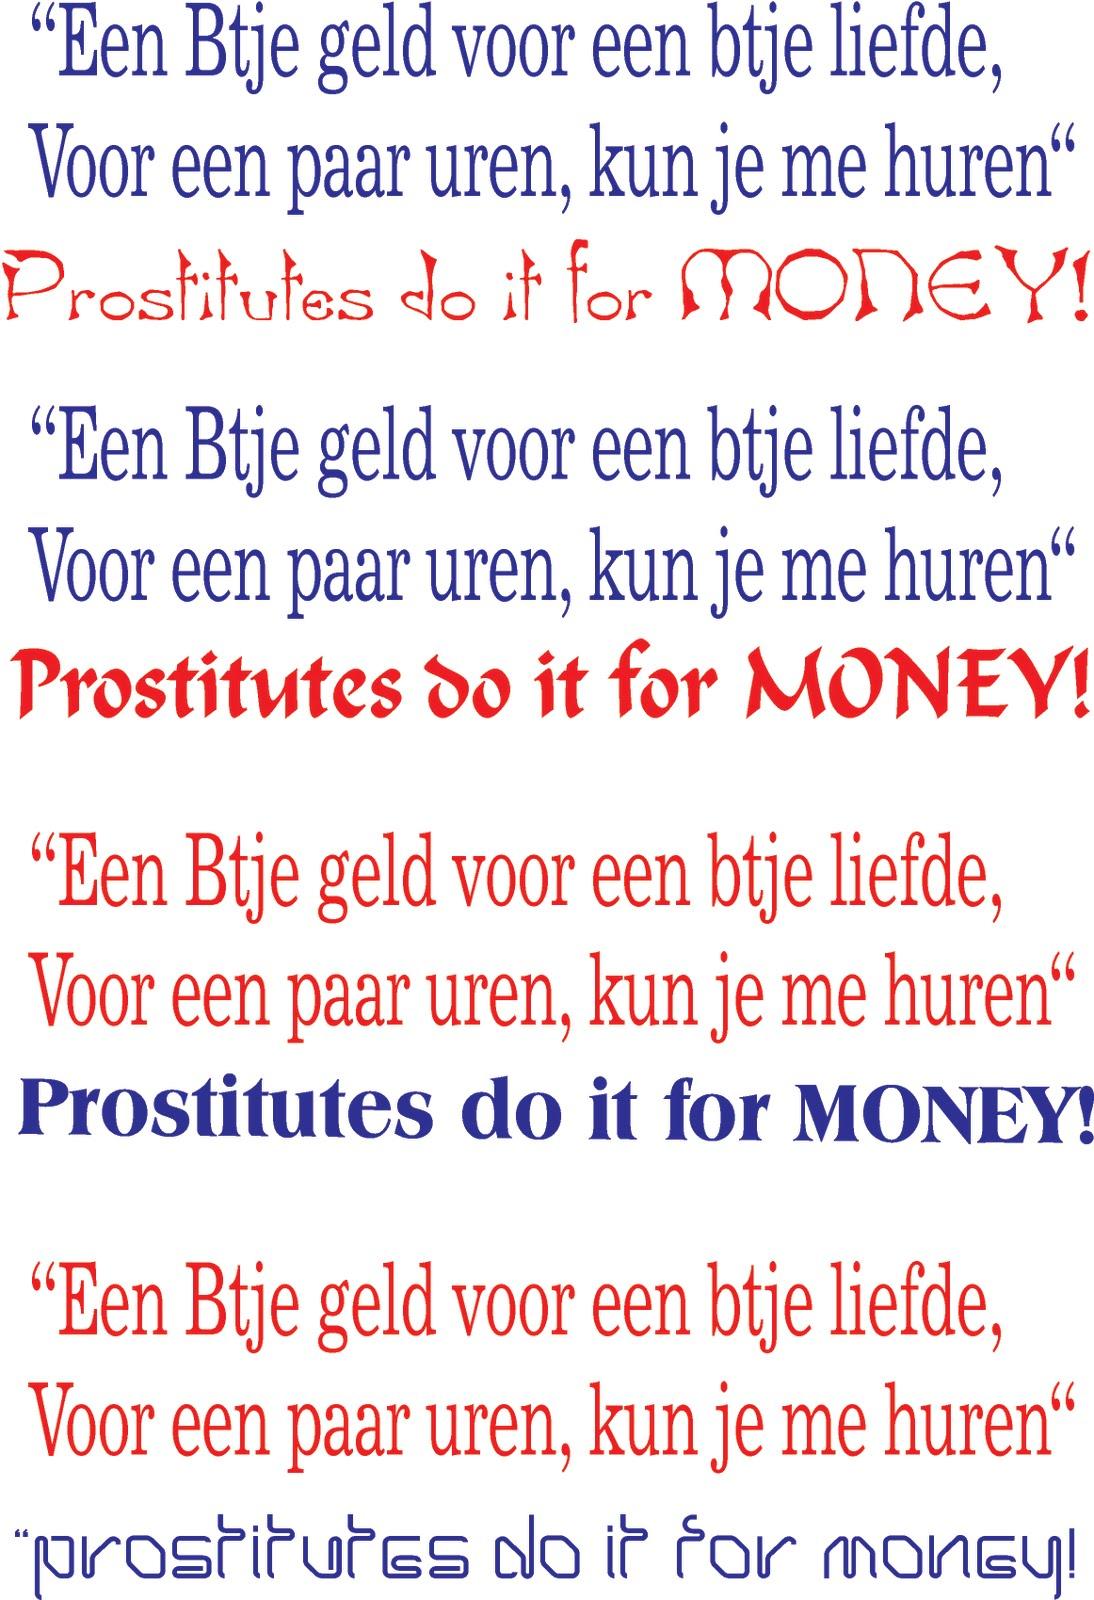 huur een prostituee